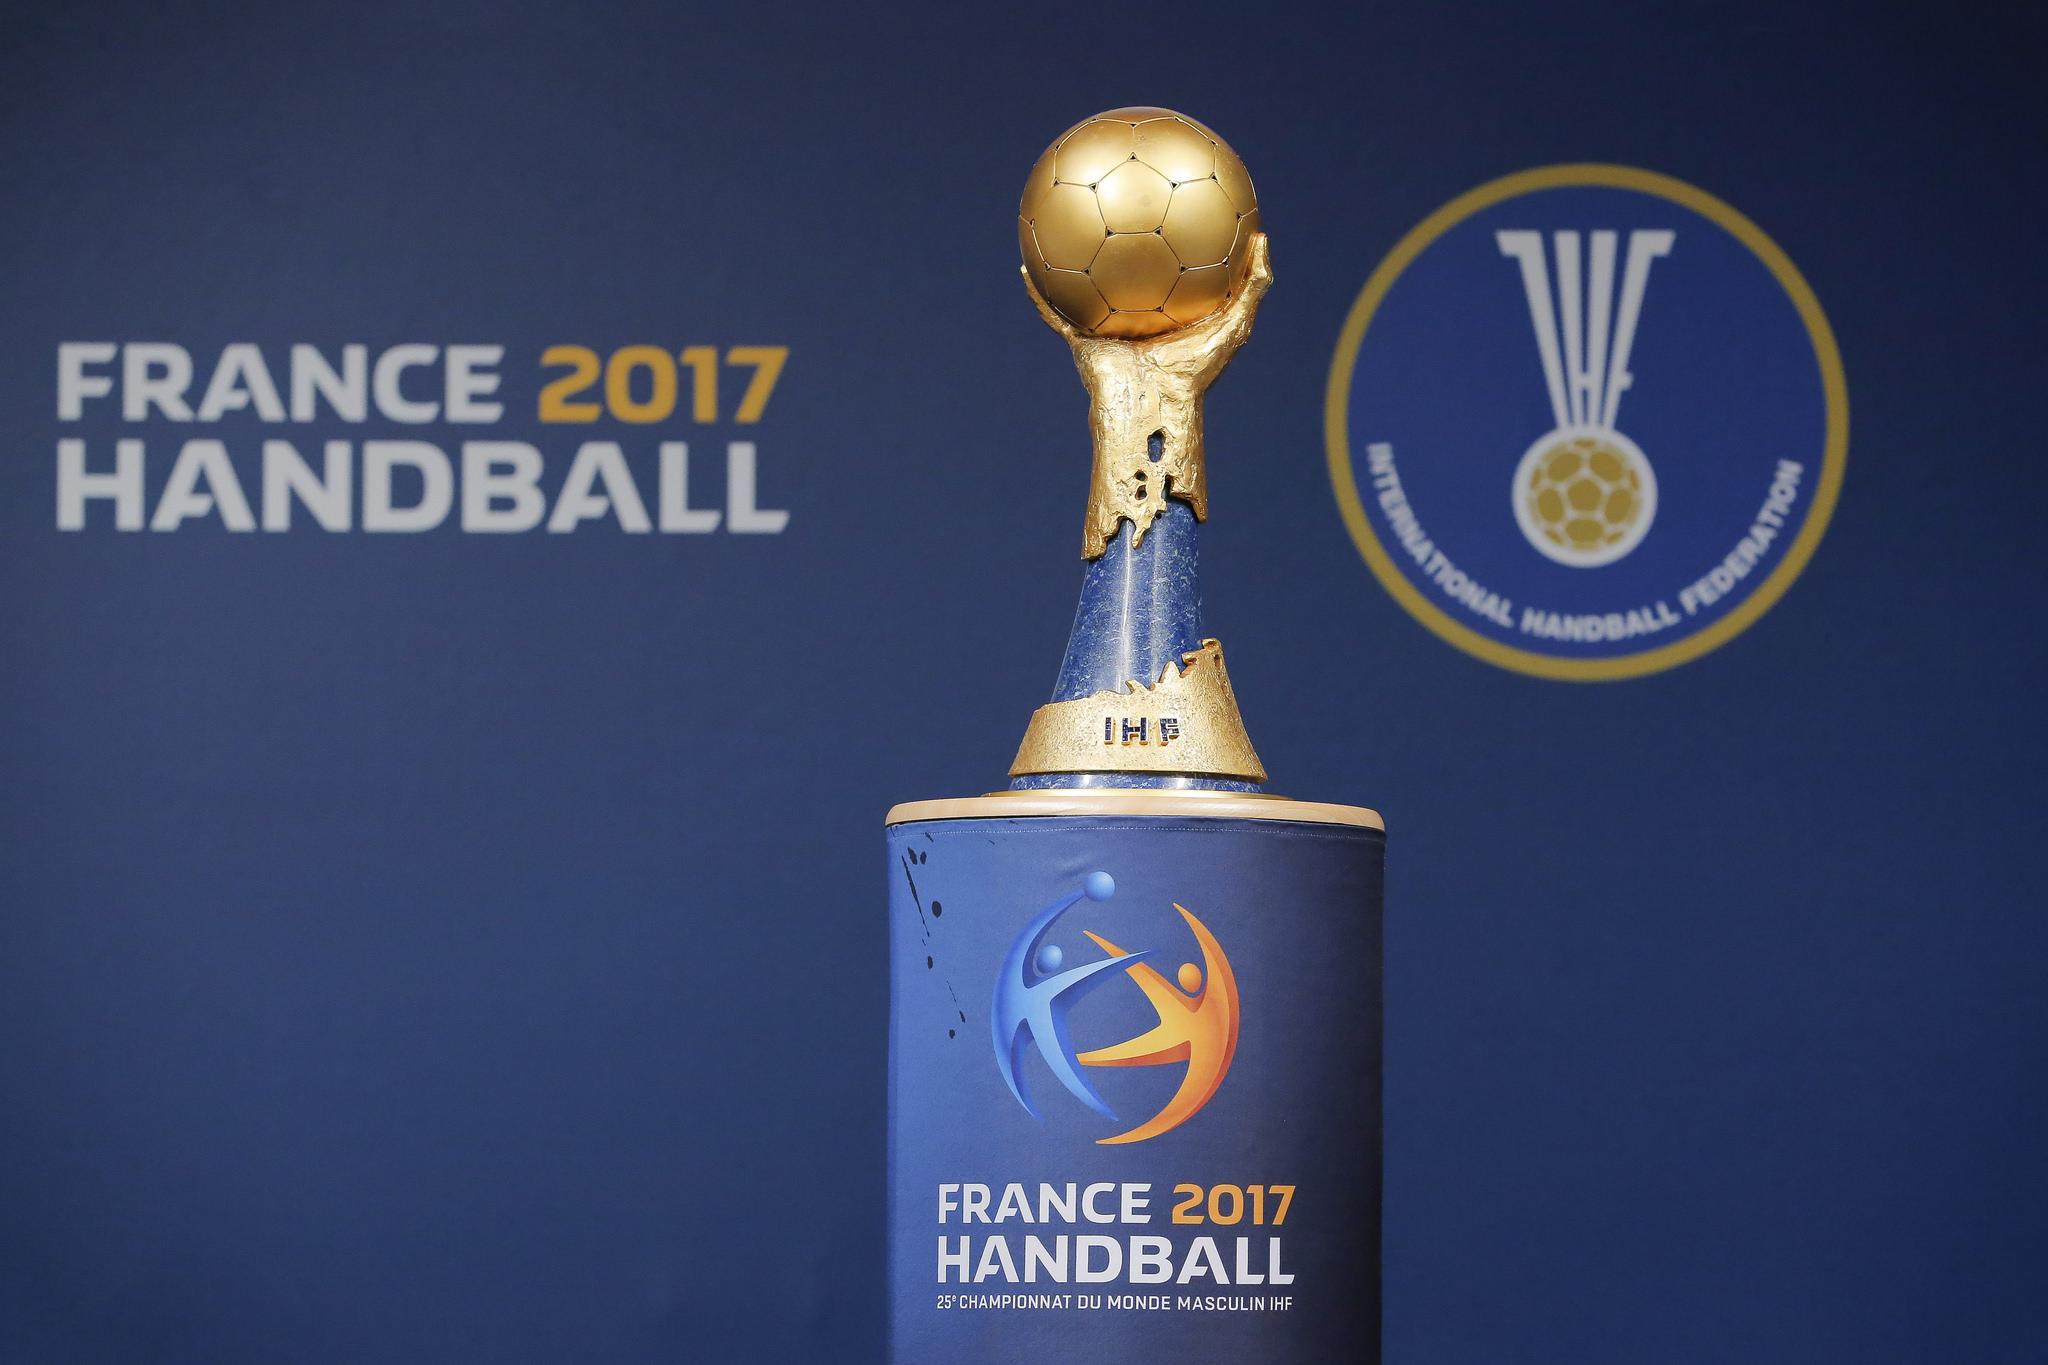 Un ch que de 100 000 dollars pour le vainqueur du championnat du monde de handball 2017 - Coupe du monde 2015 handball ...